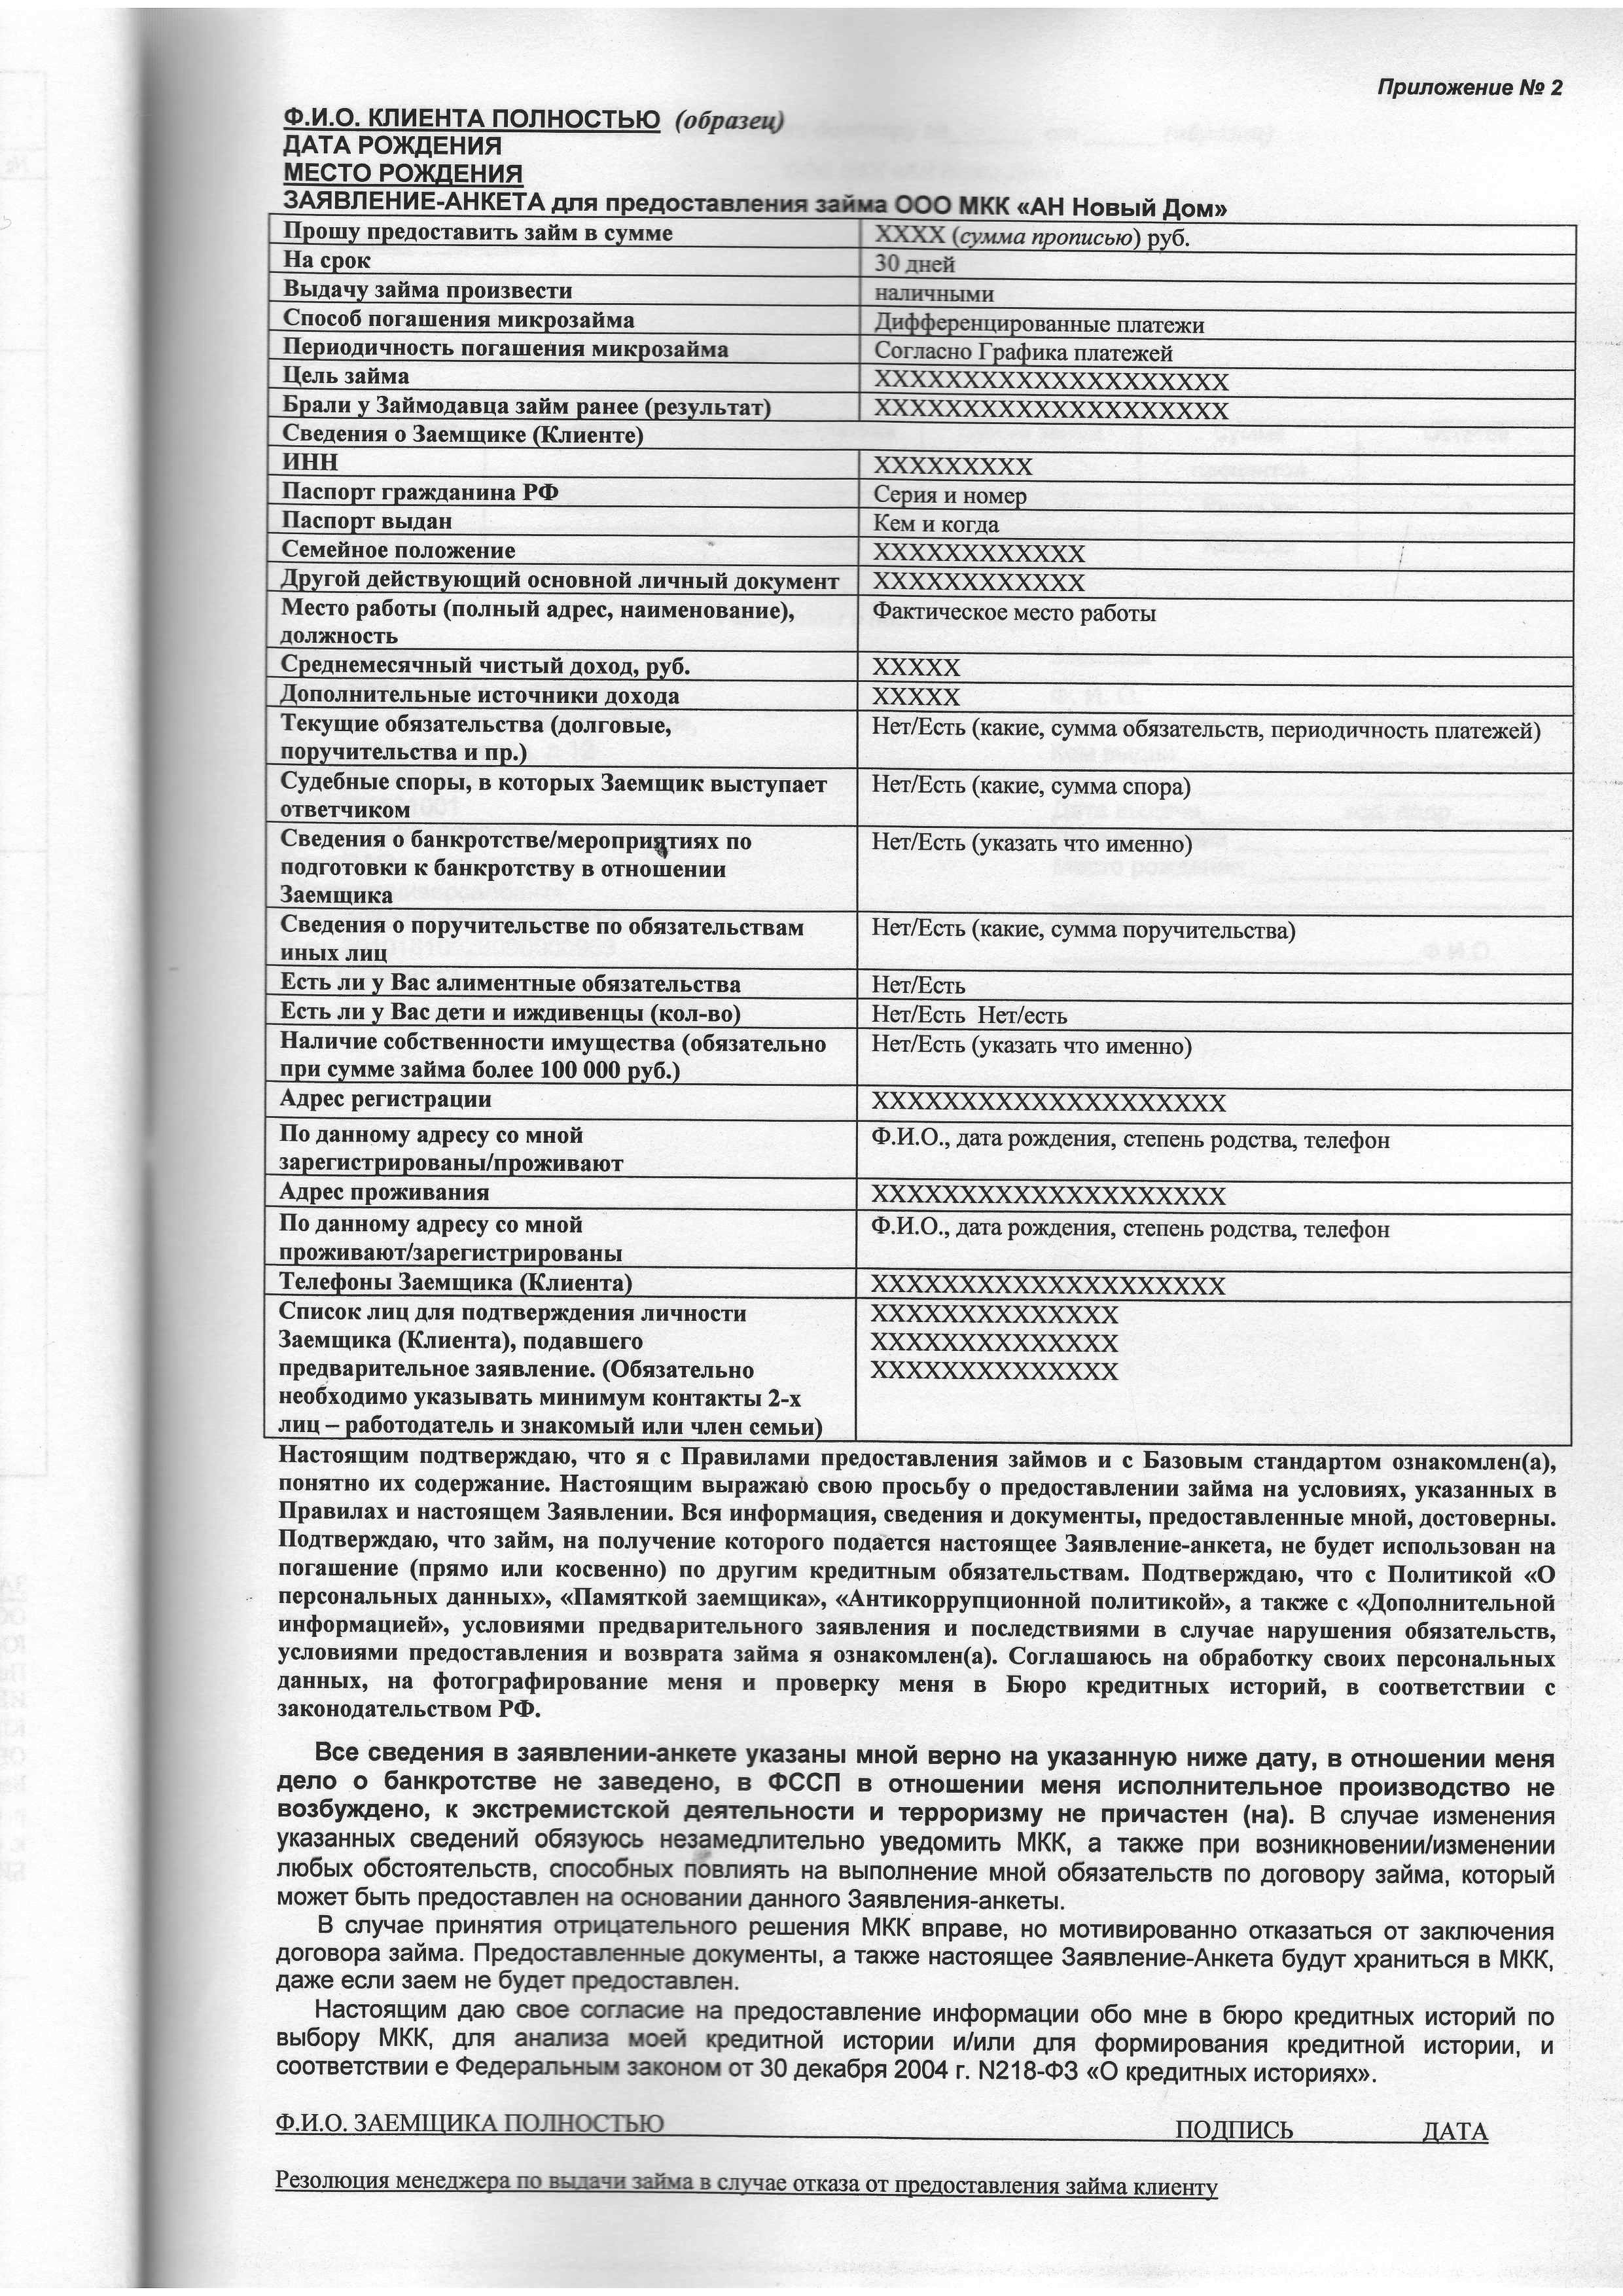 Правила предоставления займов_24_06_2018-11